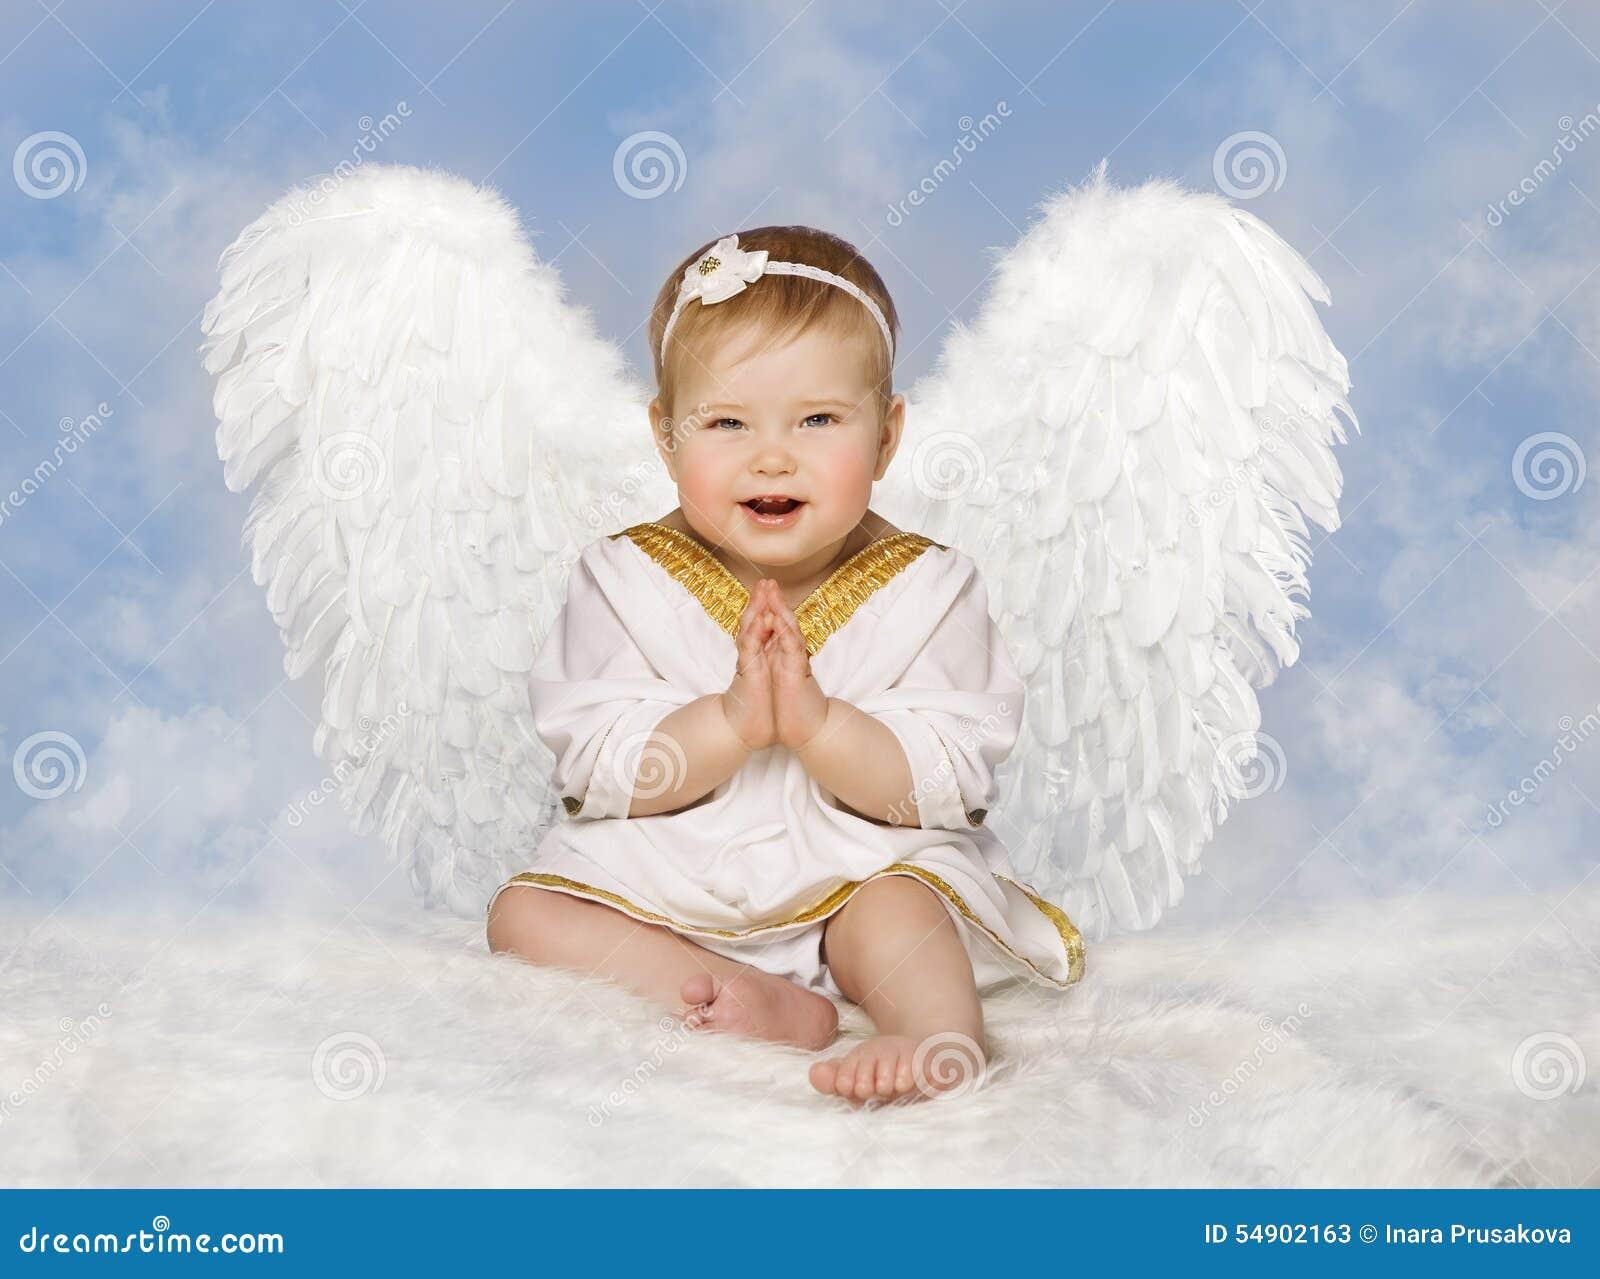 Angel Baby Wings, Angelic Cupid Toddler Kid Clasped-Gevouwen Handen